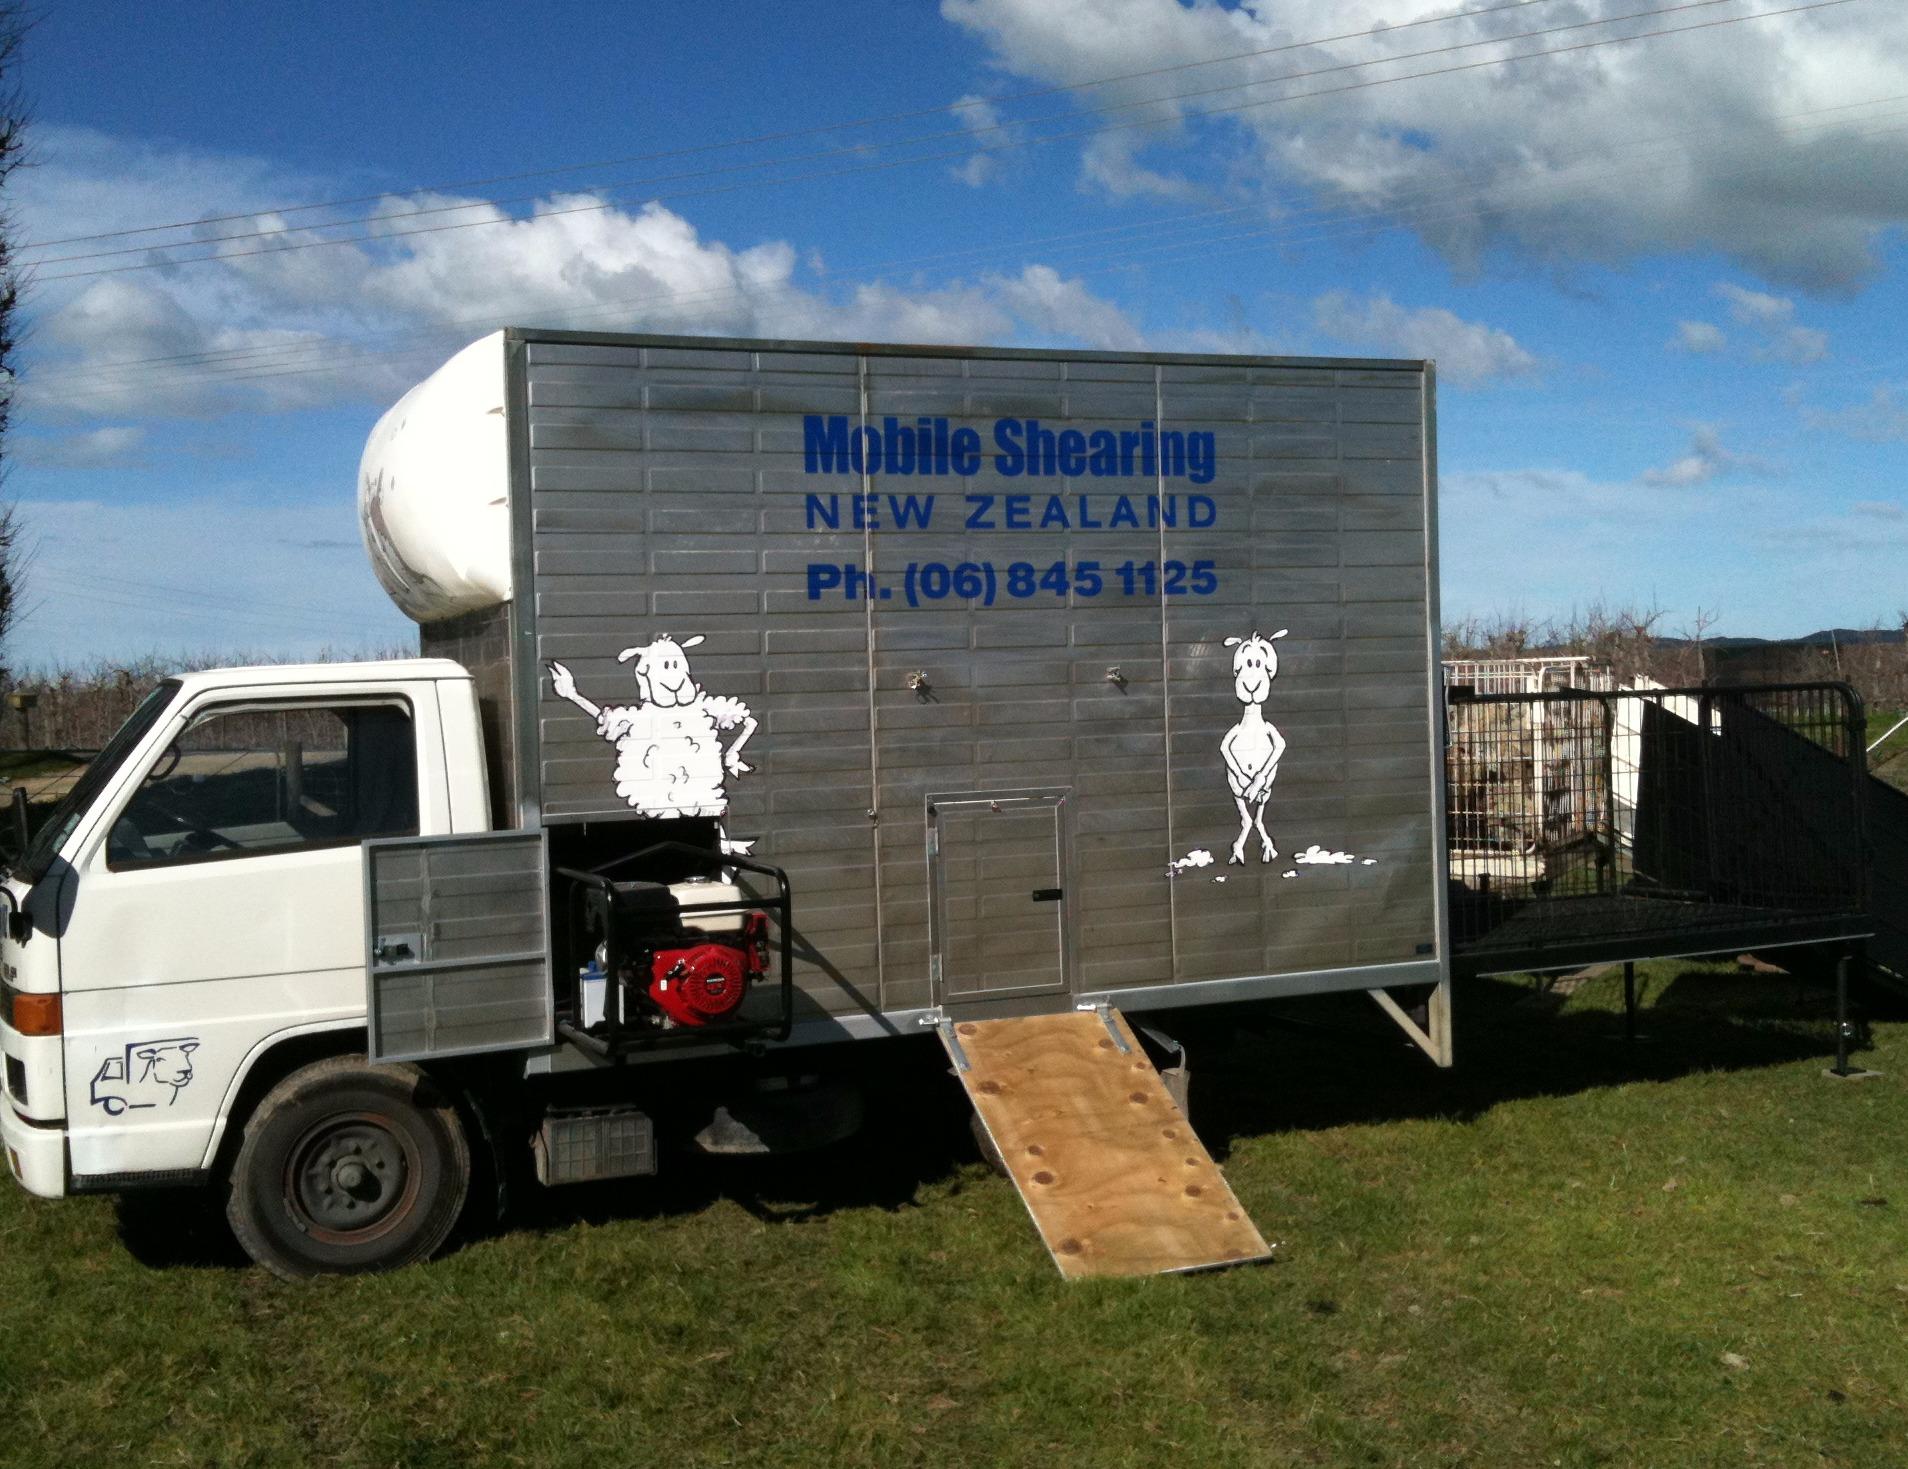 Hawkes Bay Mobile Shearing